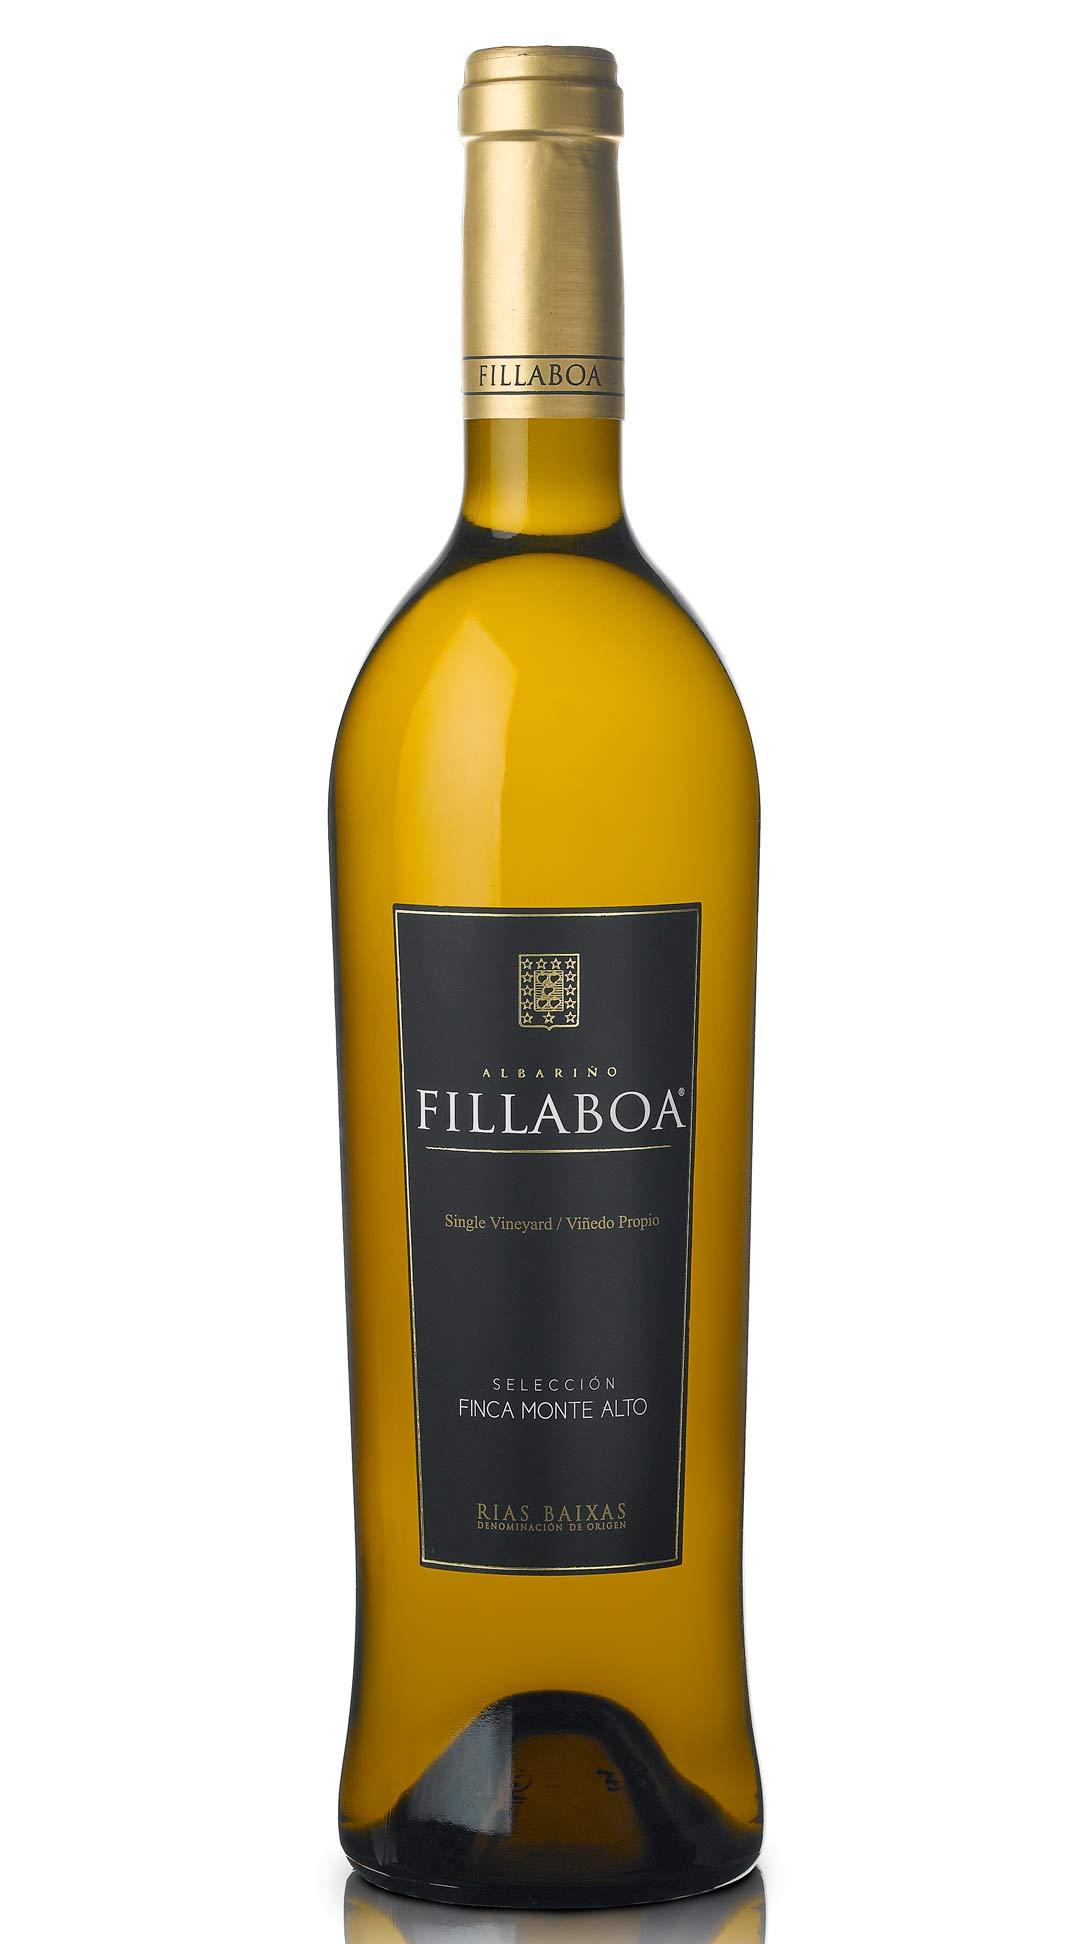 2-Fillaboa-Seleccion-Finca-Monte-Alto